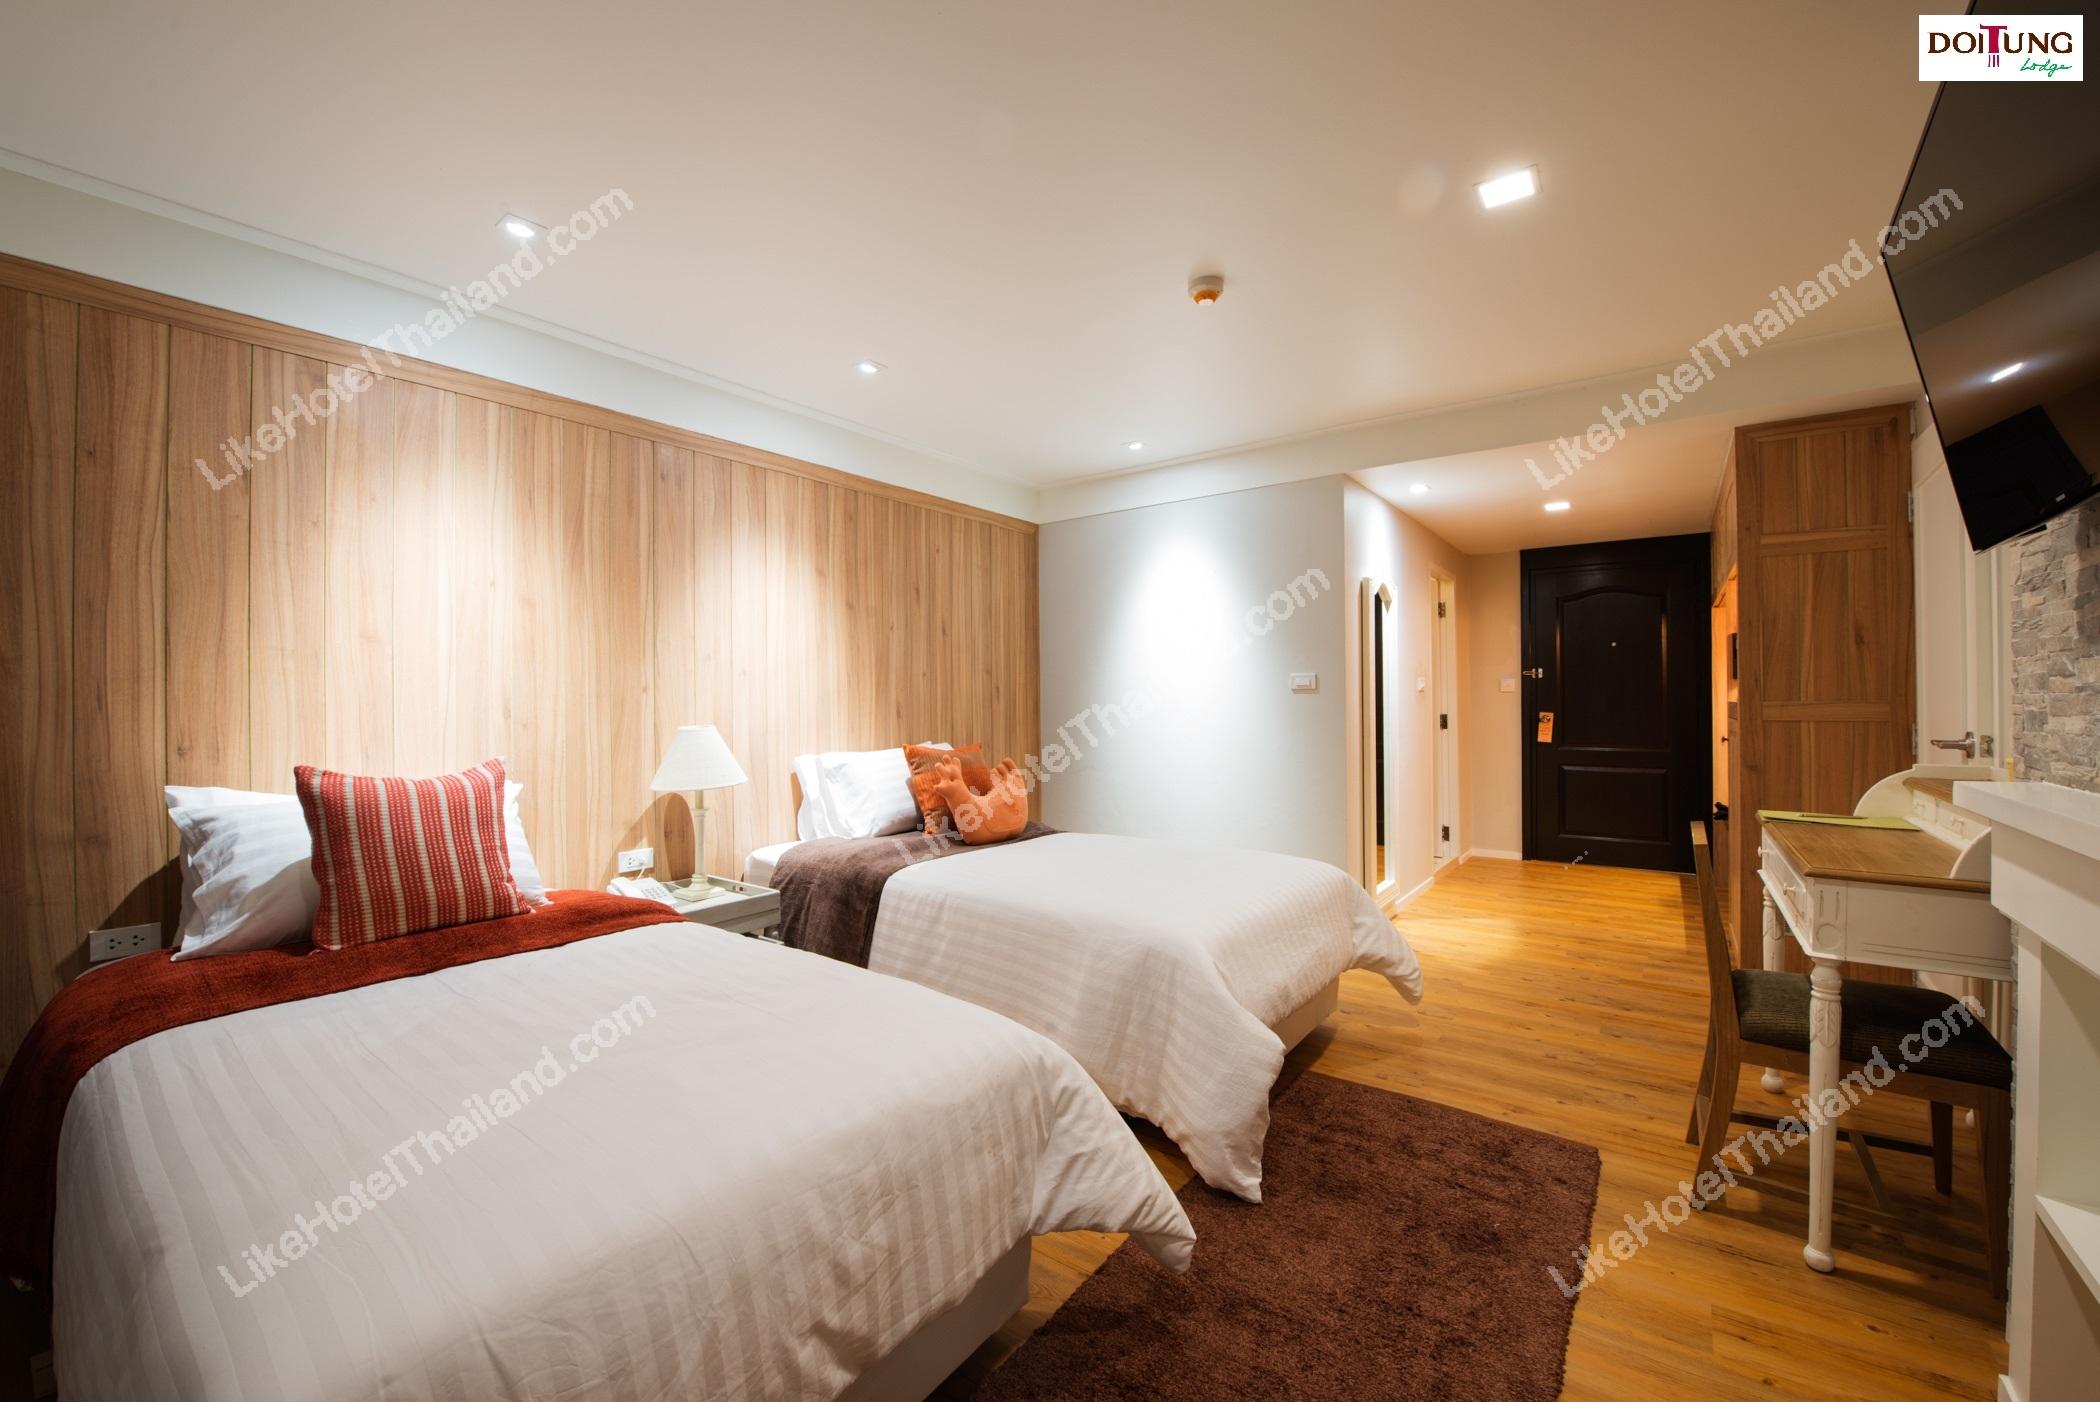 รูปของโรงแรม โรงแรม บ้านต้นน้ำ 31 (ดอยตุง ลอด์จ) เชียงราย